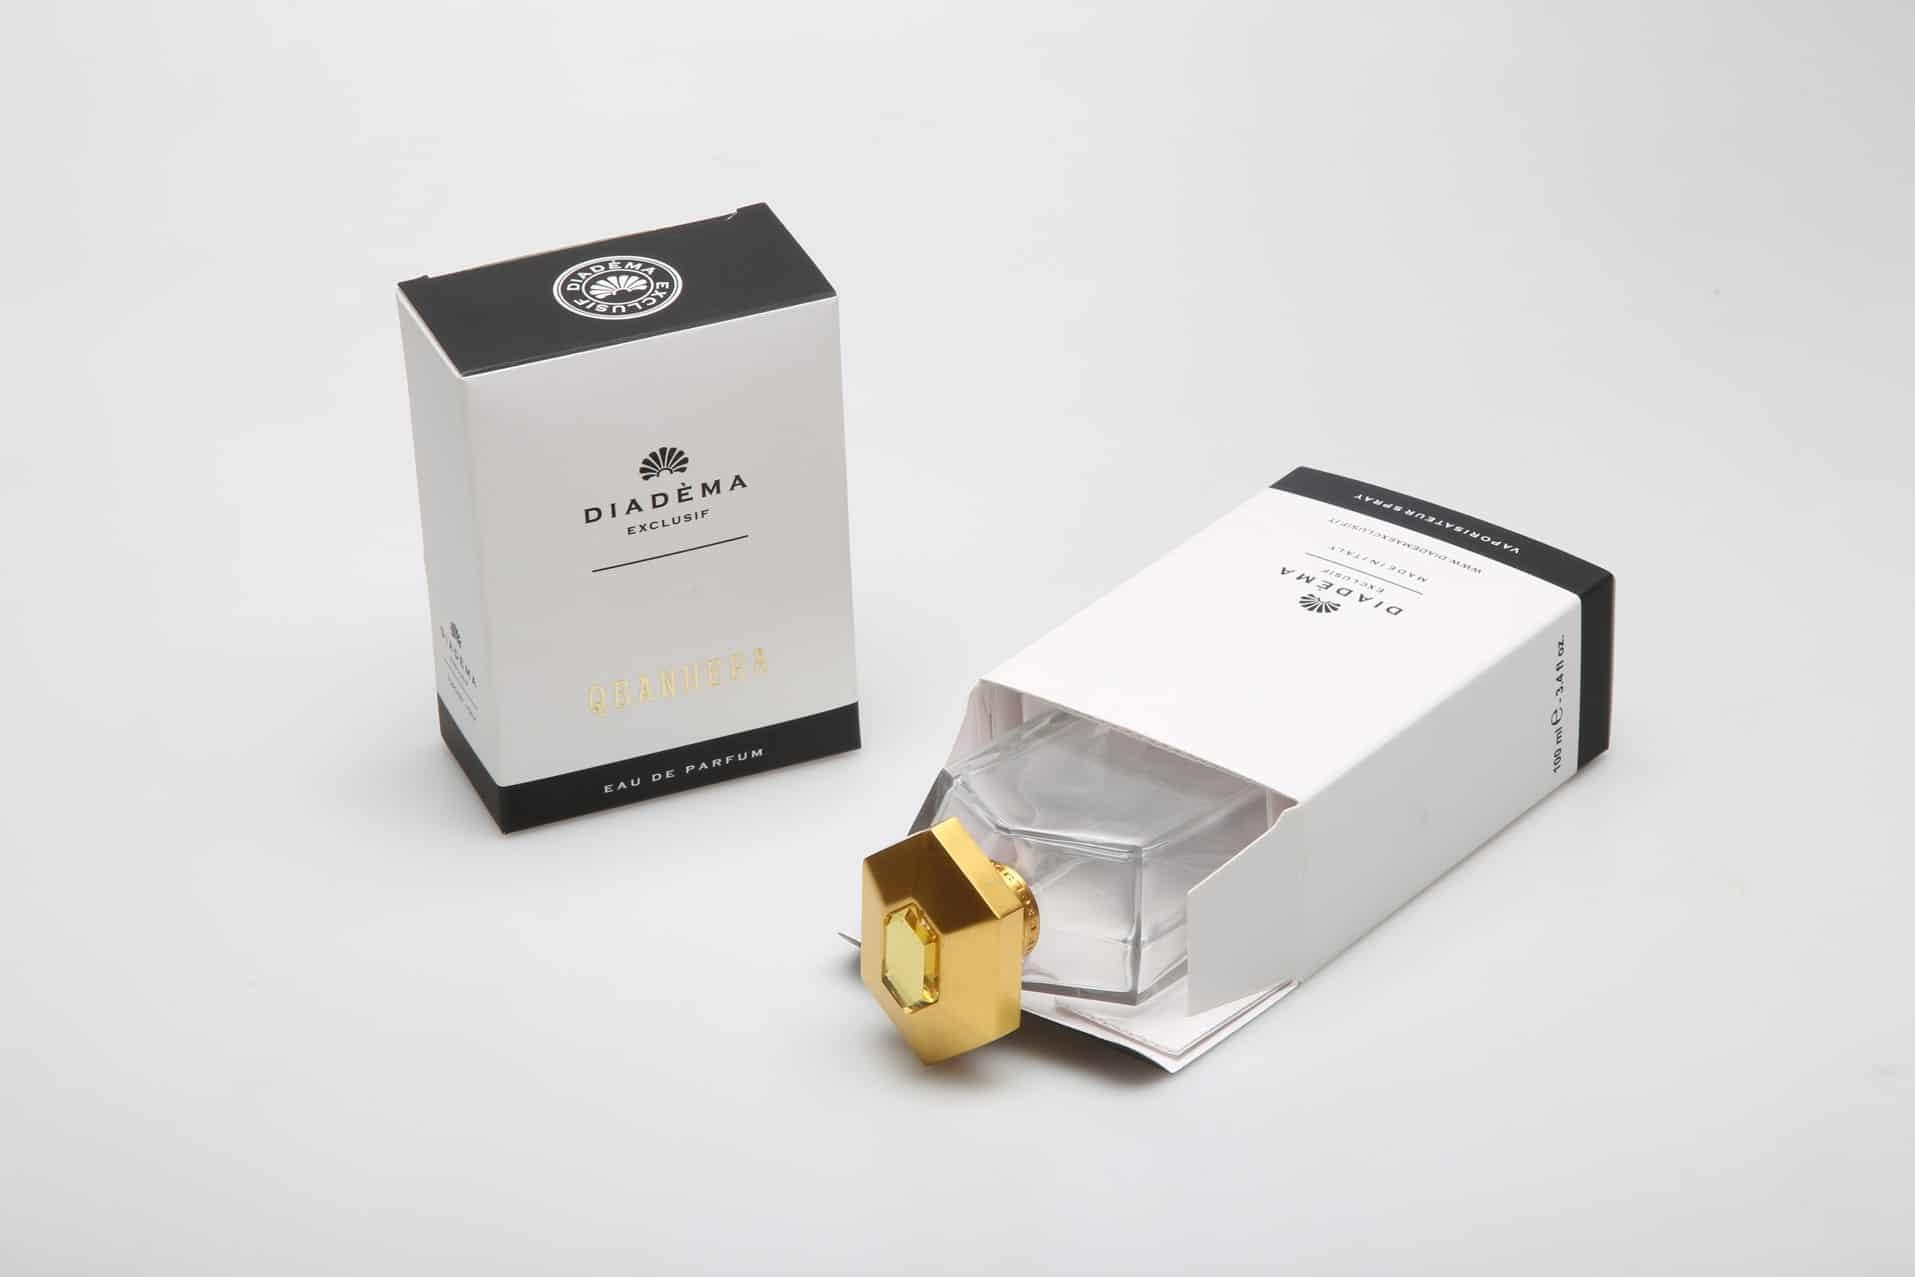 Qbanhera di Diadema Exclusif, scatola aperta e boccetta. Tipografia Unione, astucci per profumi, Vicenza.